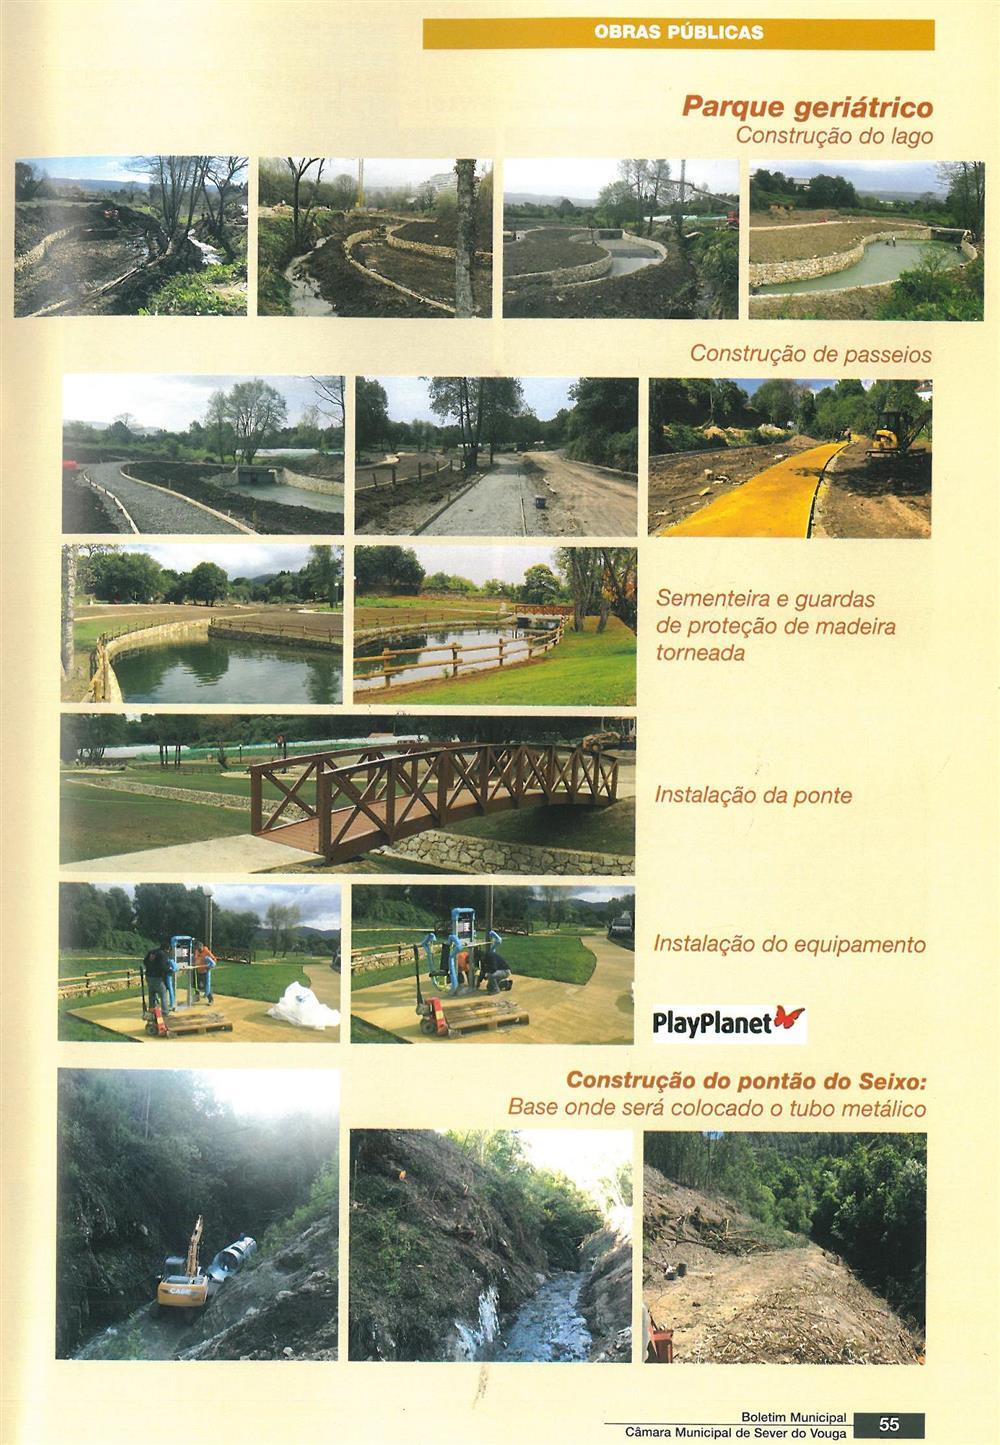 BoletimMunicipal-n.º32-nov.'15-p.55-Obras públicas [5.ª parte de oito].jpg